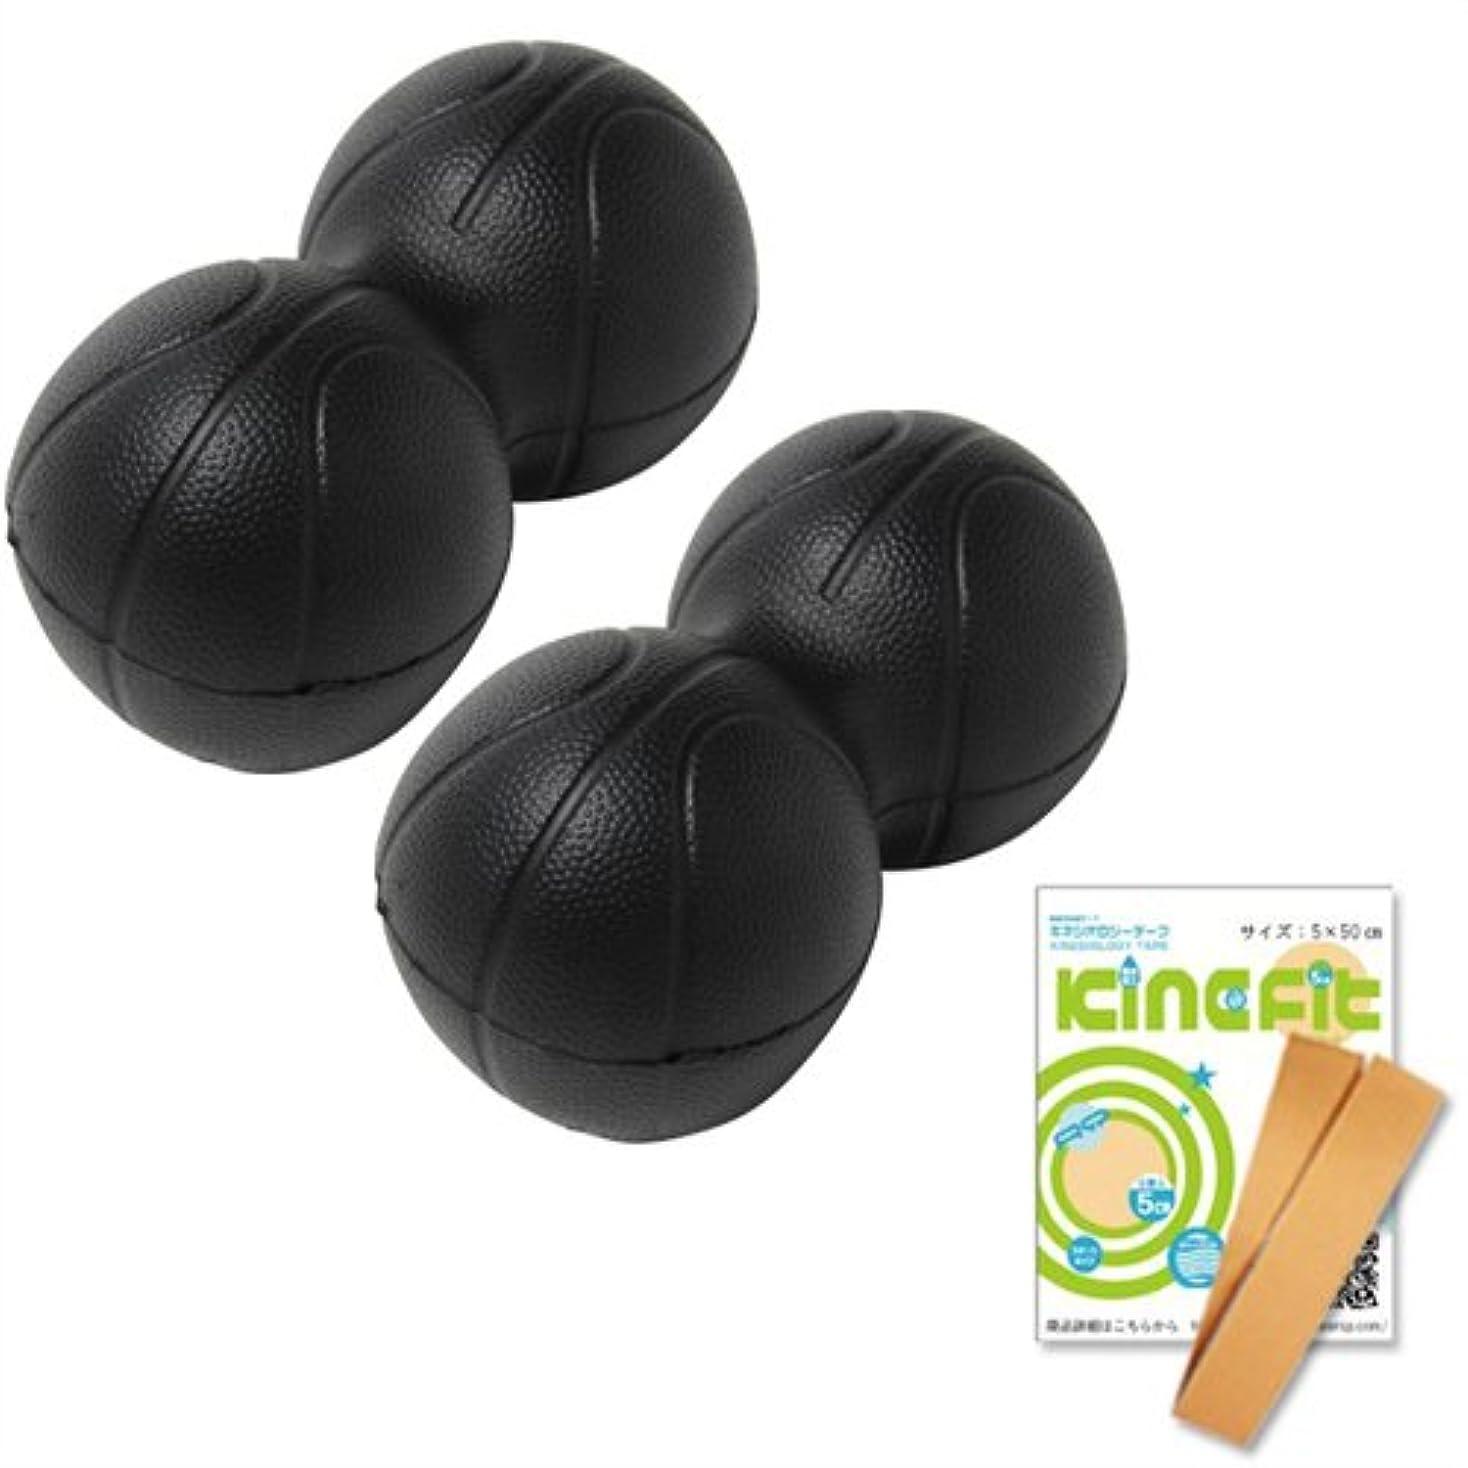 約設定道徳のずんぐりしたパワーポジションボール ×2個セット + キネシオロジーテープ キネフィットお試し用50cm セット